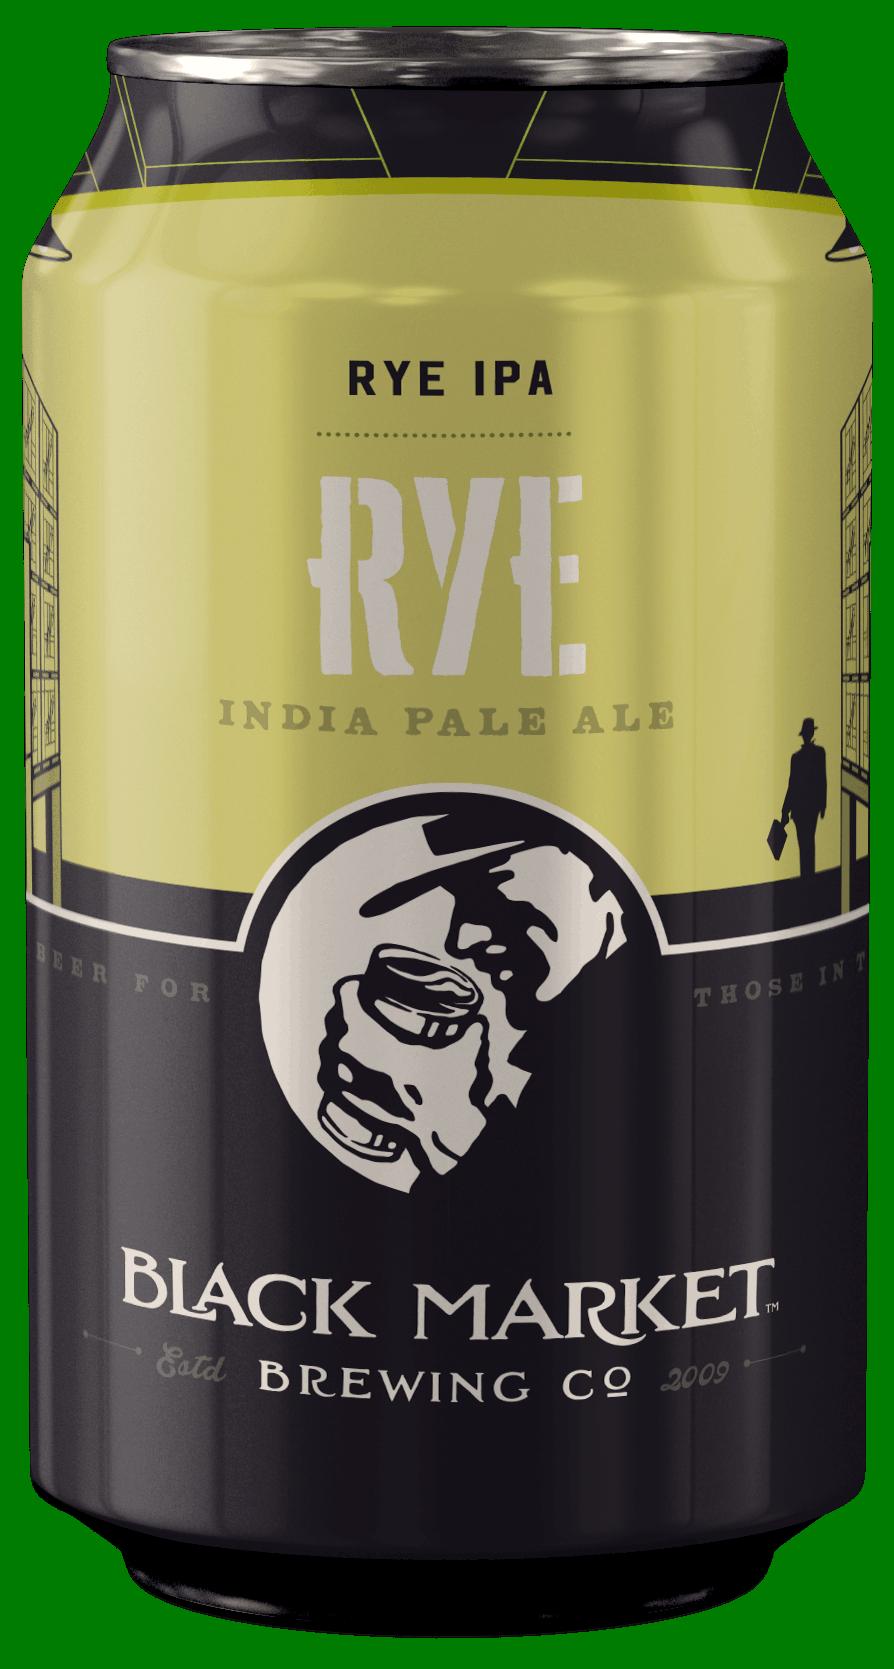 Rye IPA can